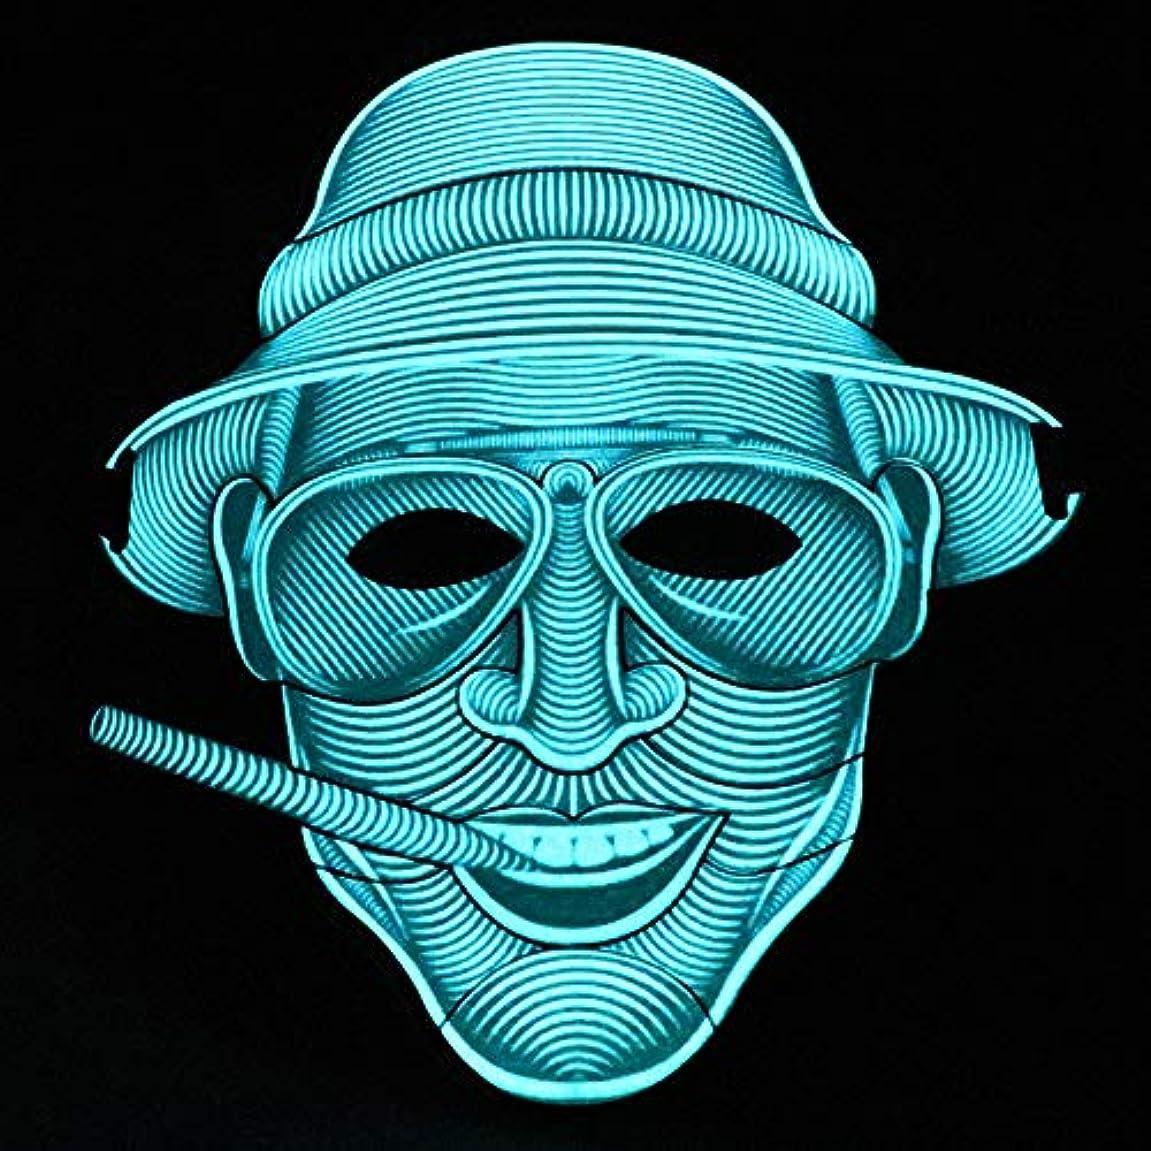 視力ビーズ偏心照らされたマスクLED創造的な冷光音響制御マスクハロウィンバーフェスティバルダンスマスク (Color : #14)